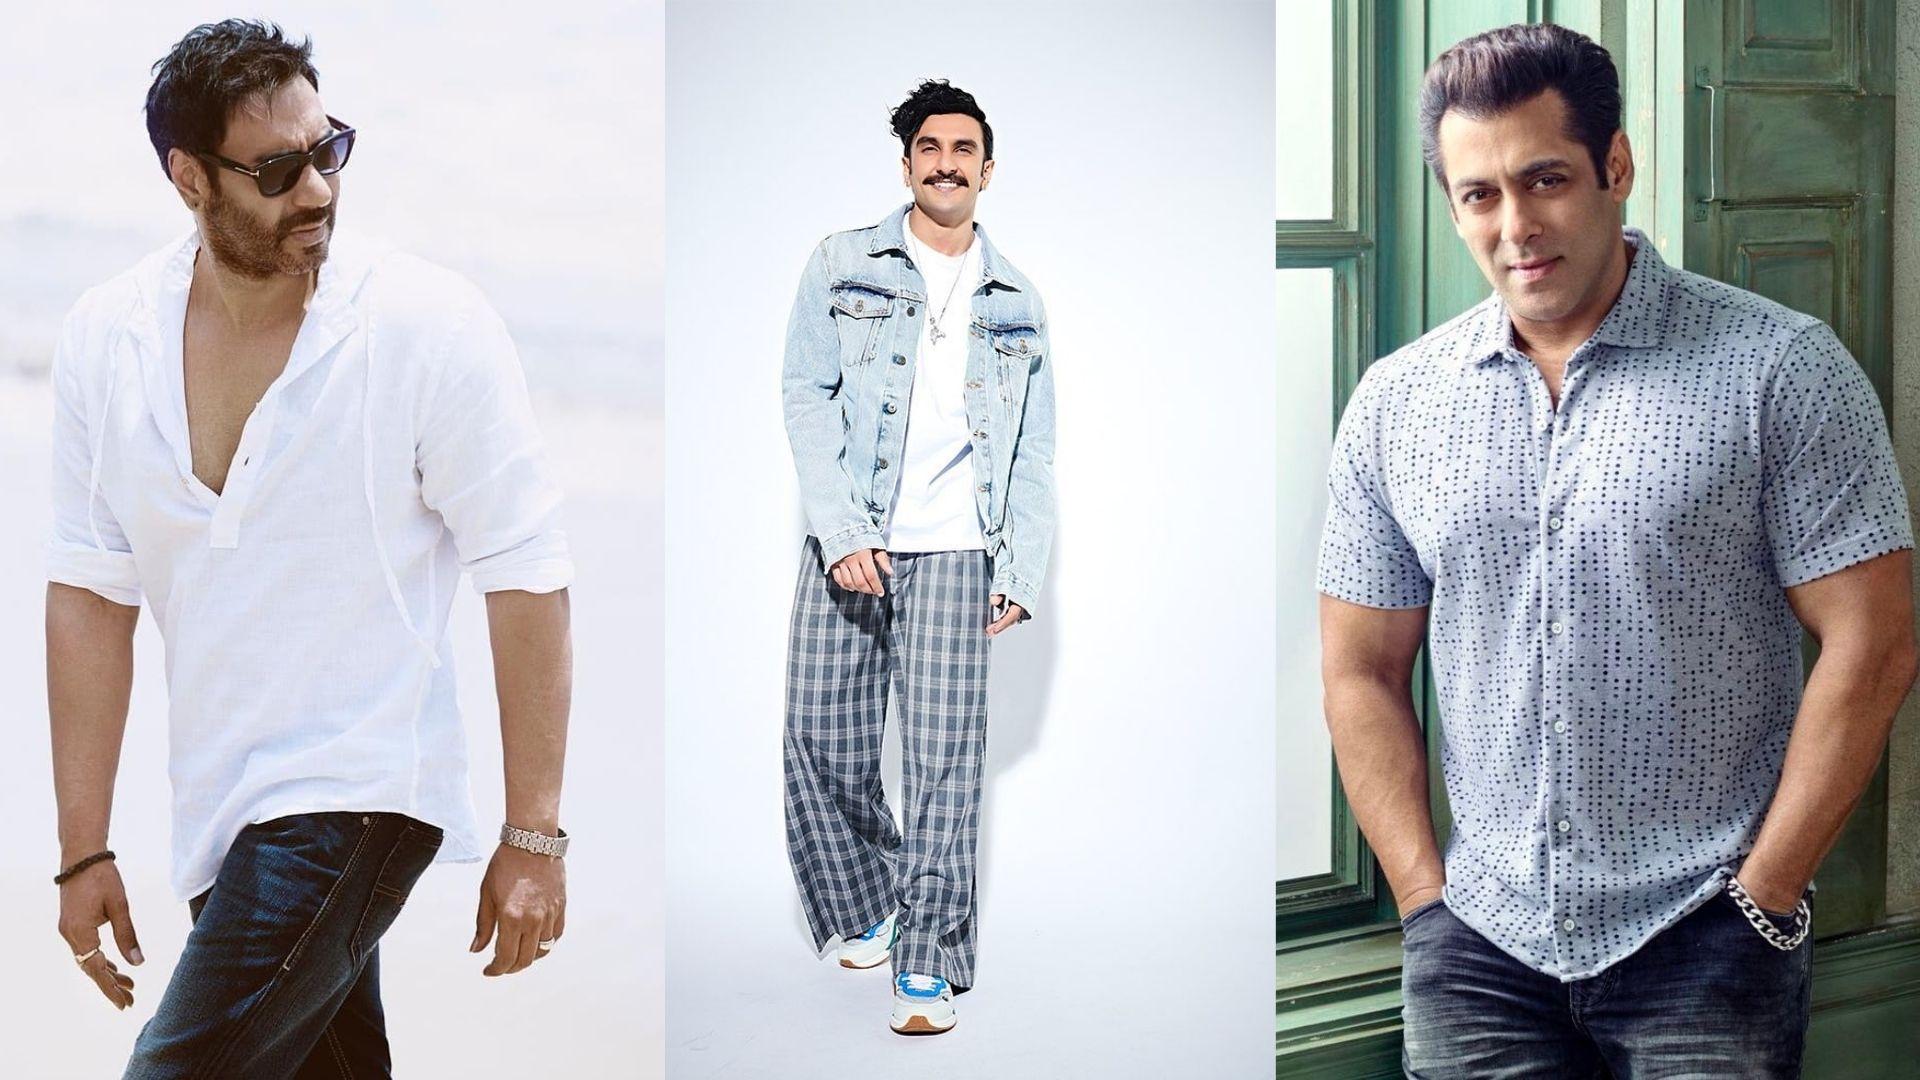 Salman Khan, Ranveer Singh, Ajay Devgn- Top Cops Of Bollywood